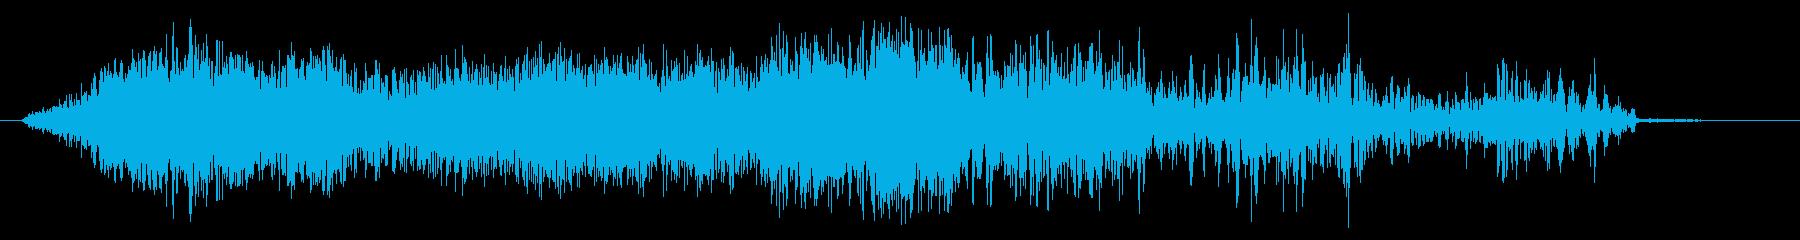 リバース スティンガーインパクトメ...の再生済みの波形